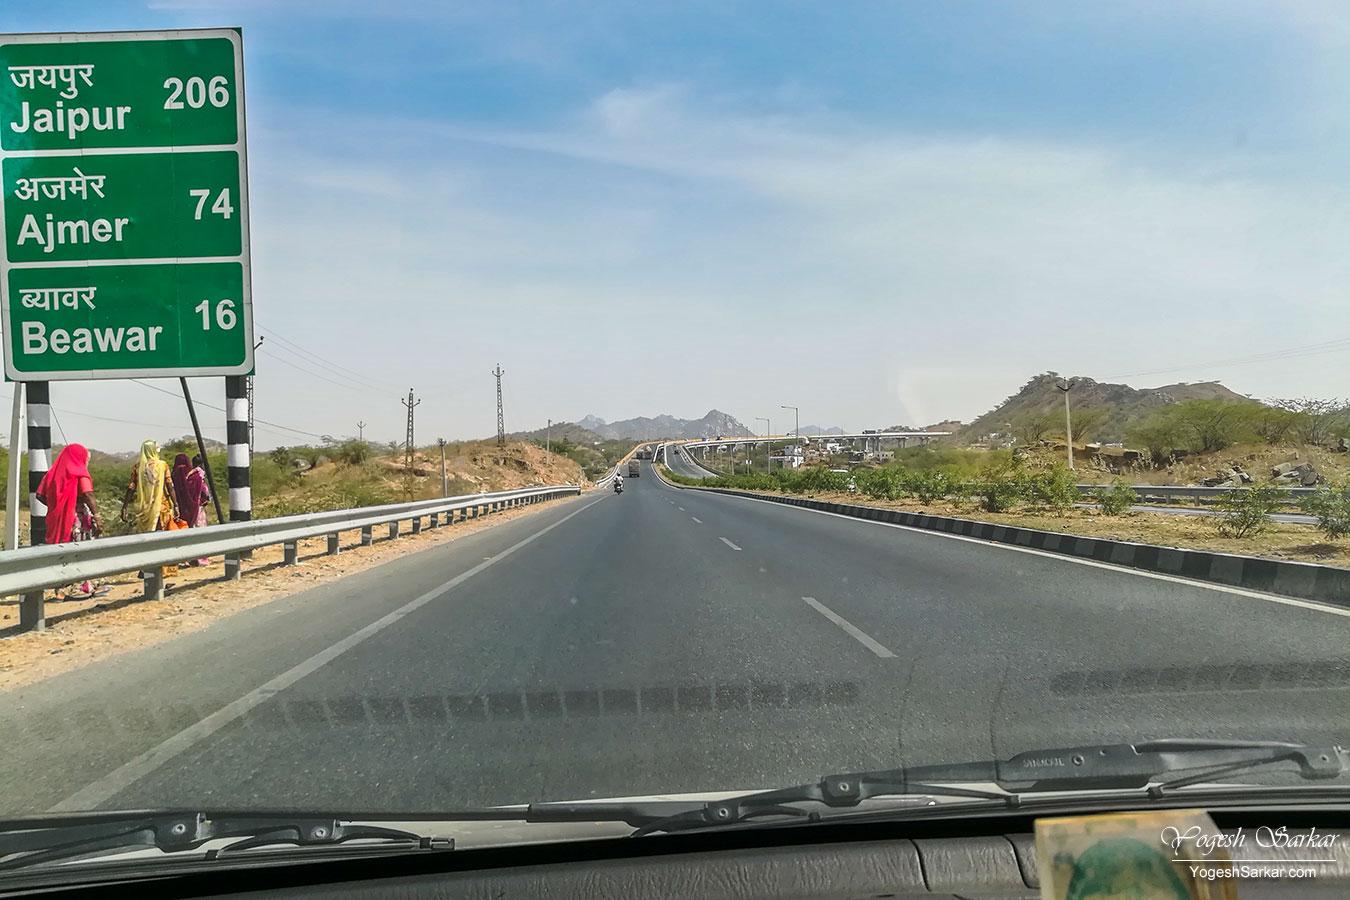 06-rajasthan-highway.jpg